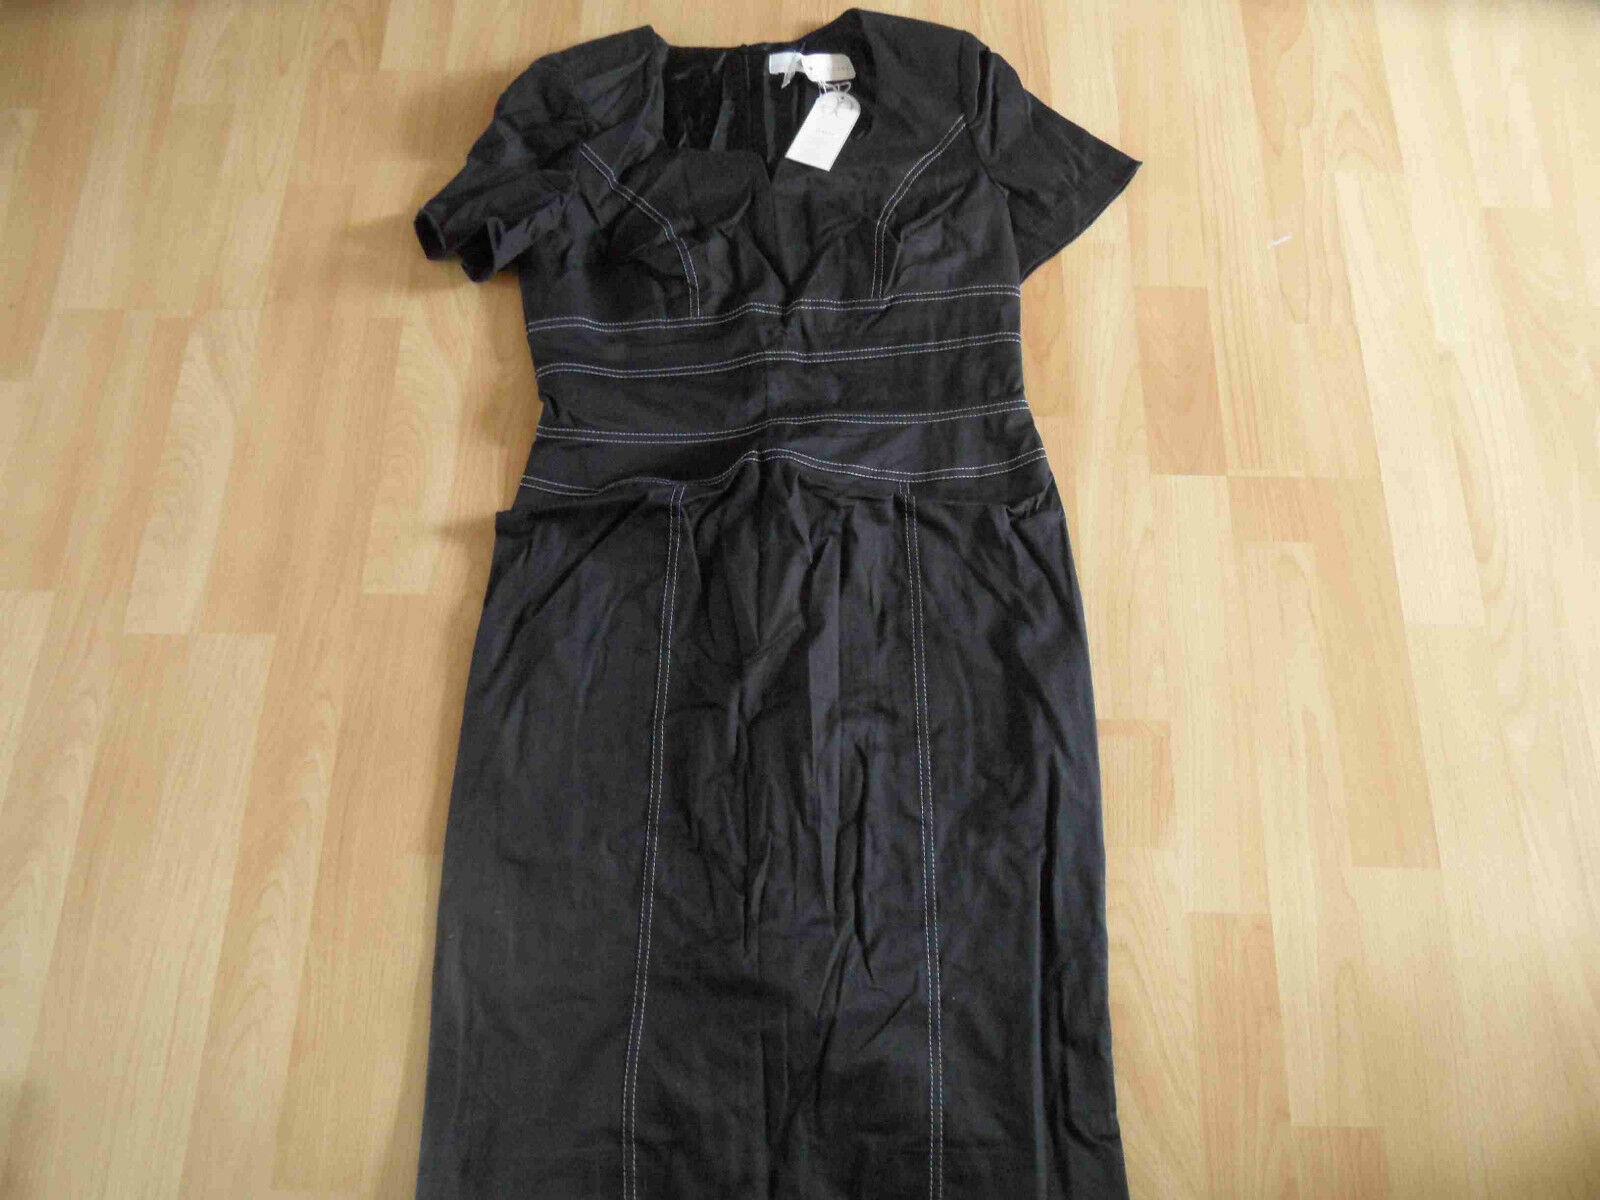 ELEGANCE Paris chices schmales Kleid m. weißen Nähten schwarz Gr. 40 NEU ZC3